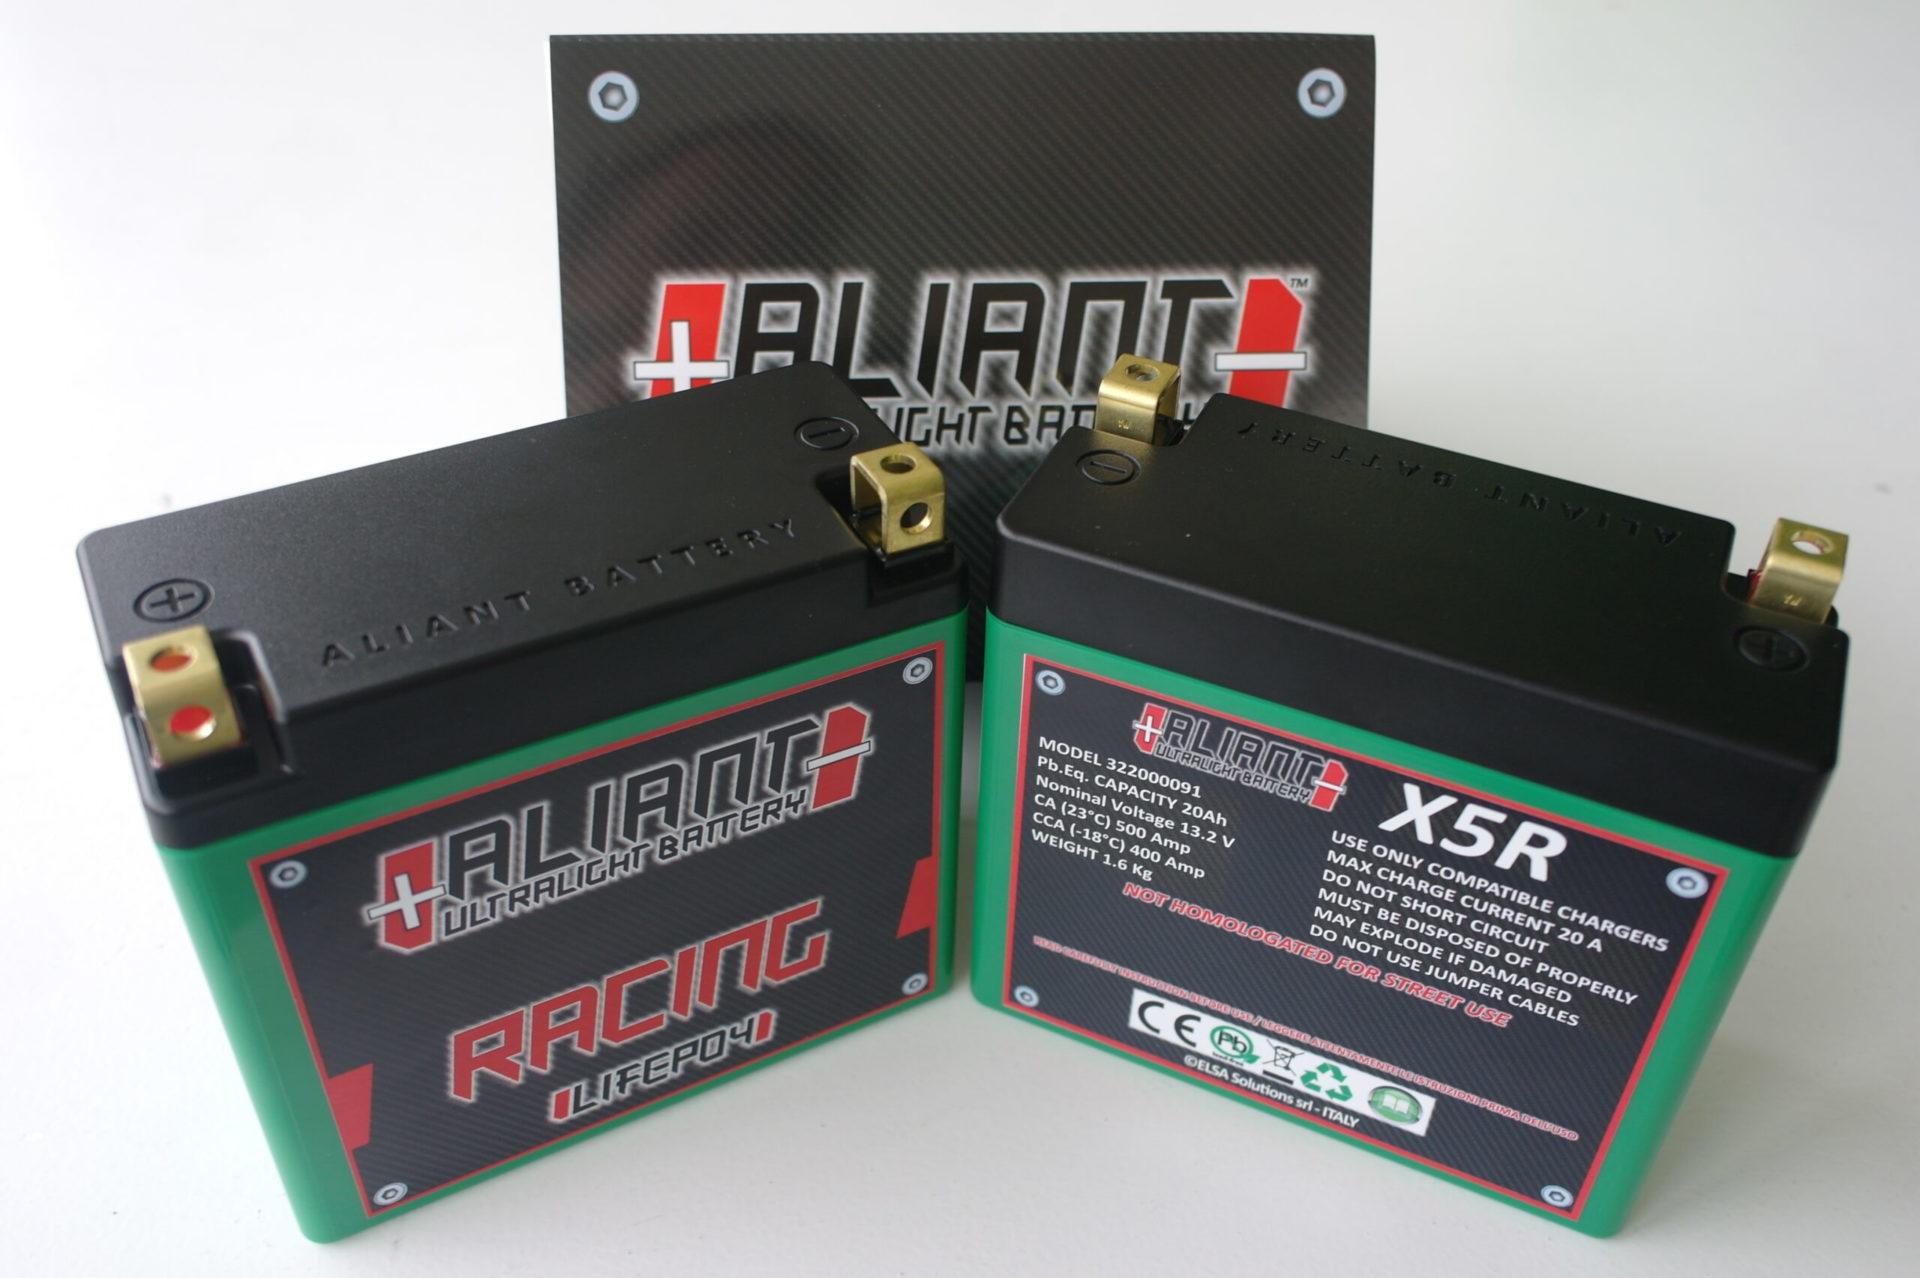 Batterie al litio X-R